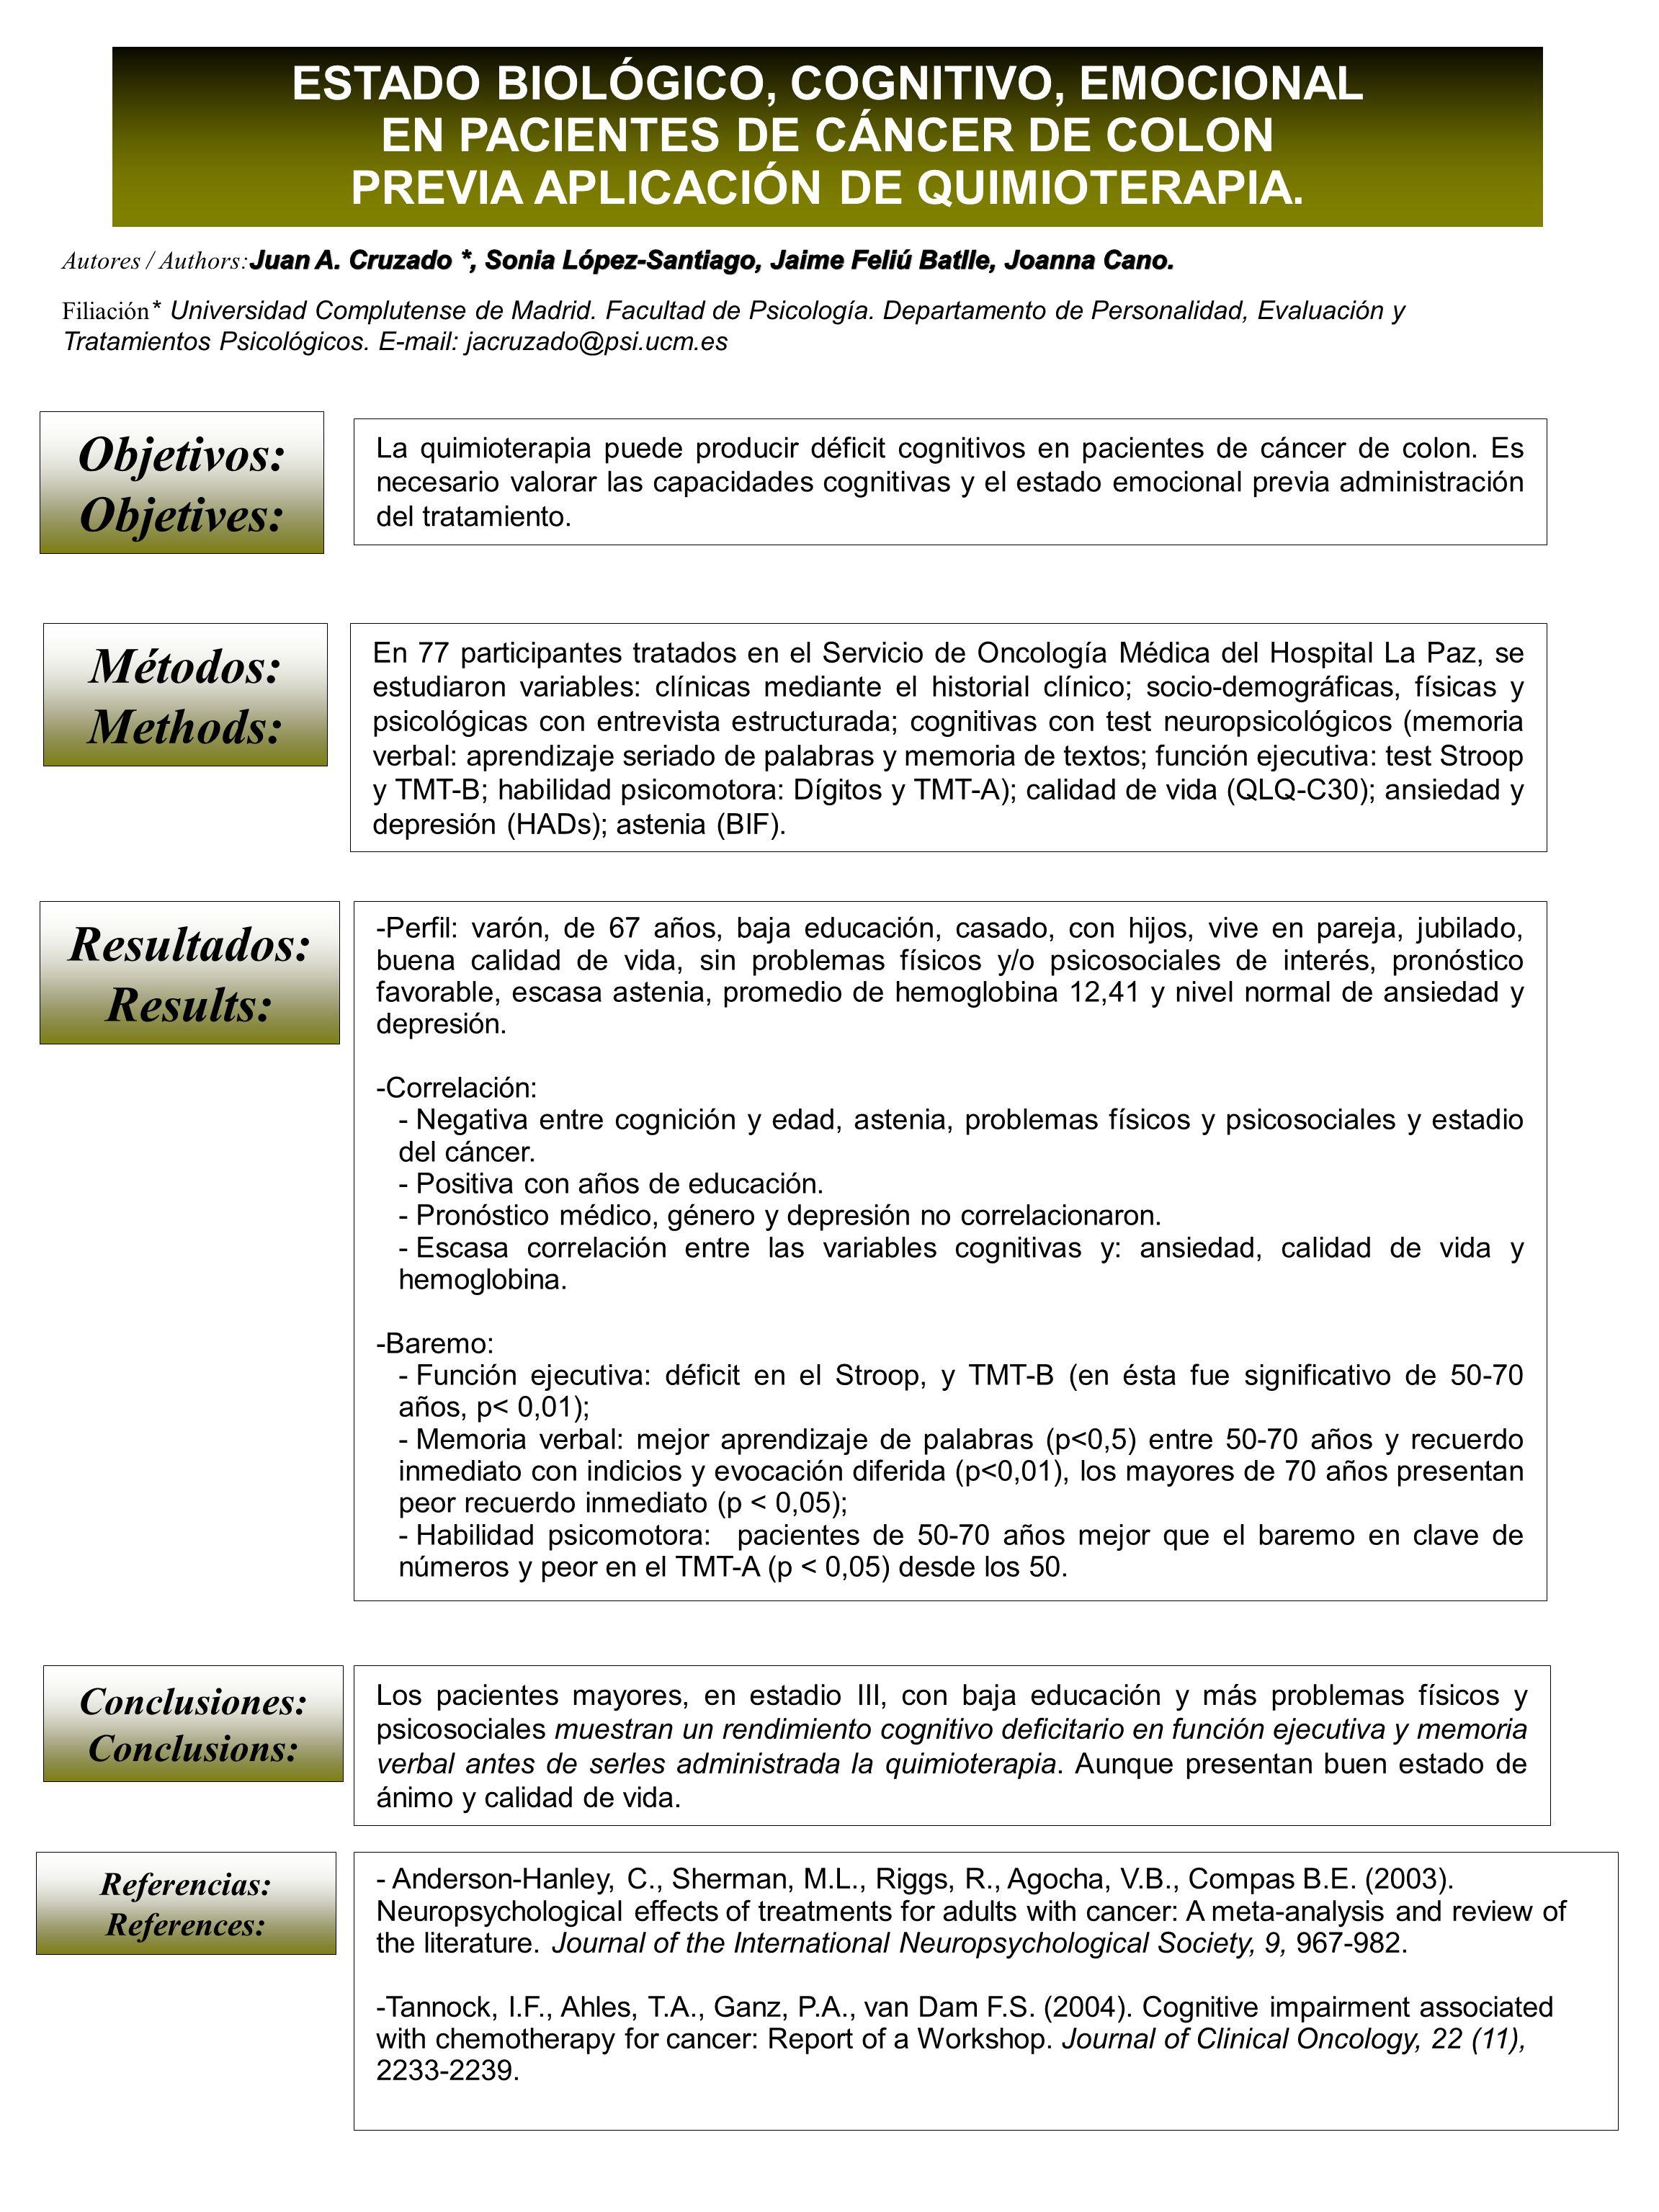 Filiación * Universidad Complutense de Madrid. Facultad de Psicología.